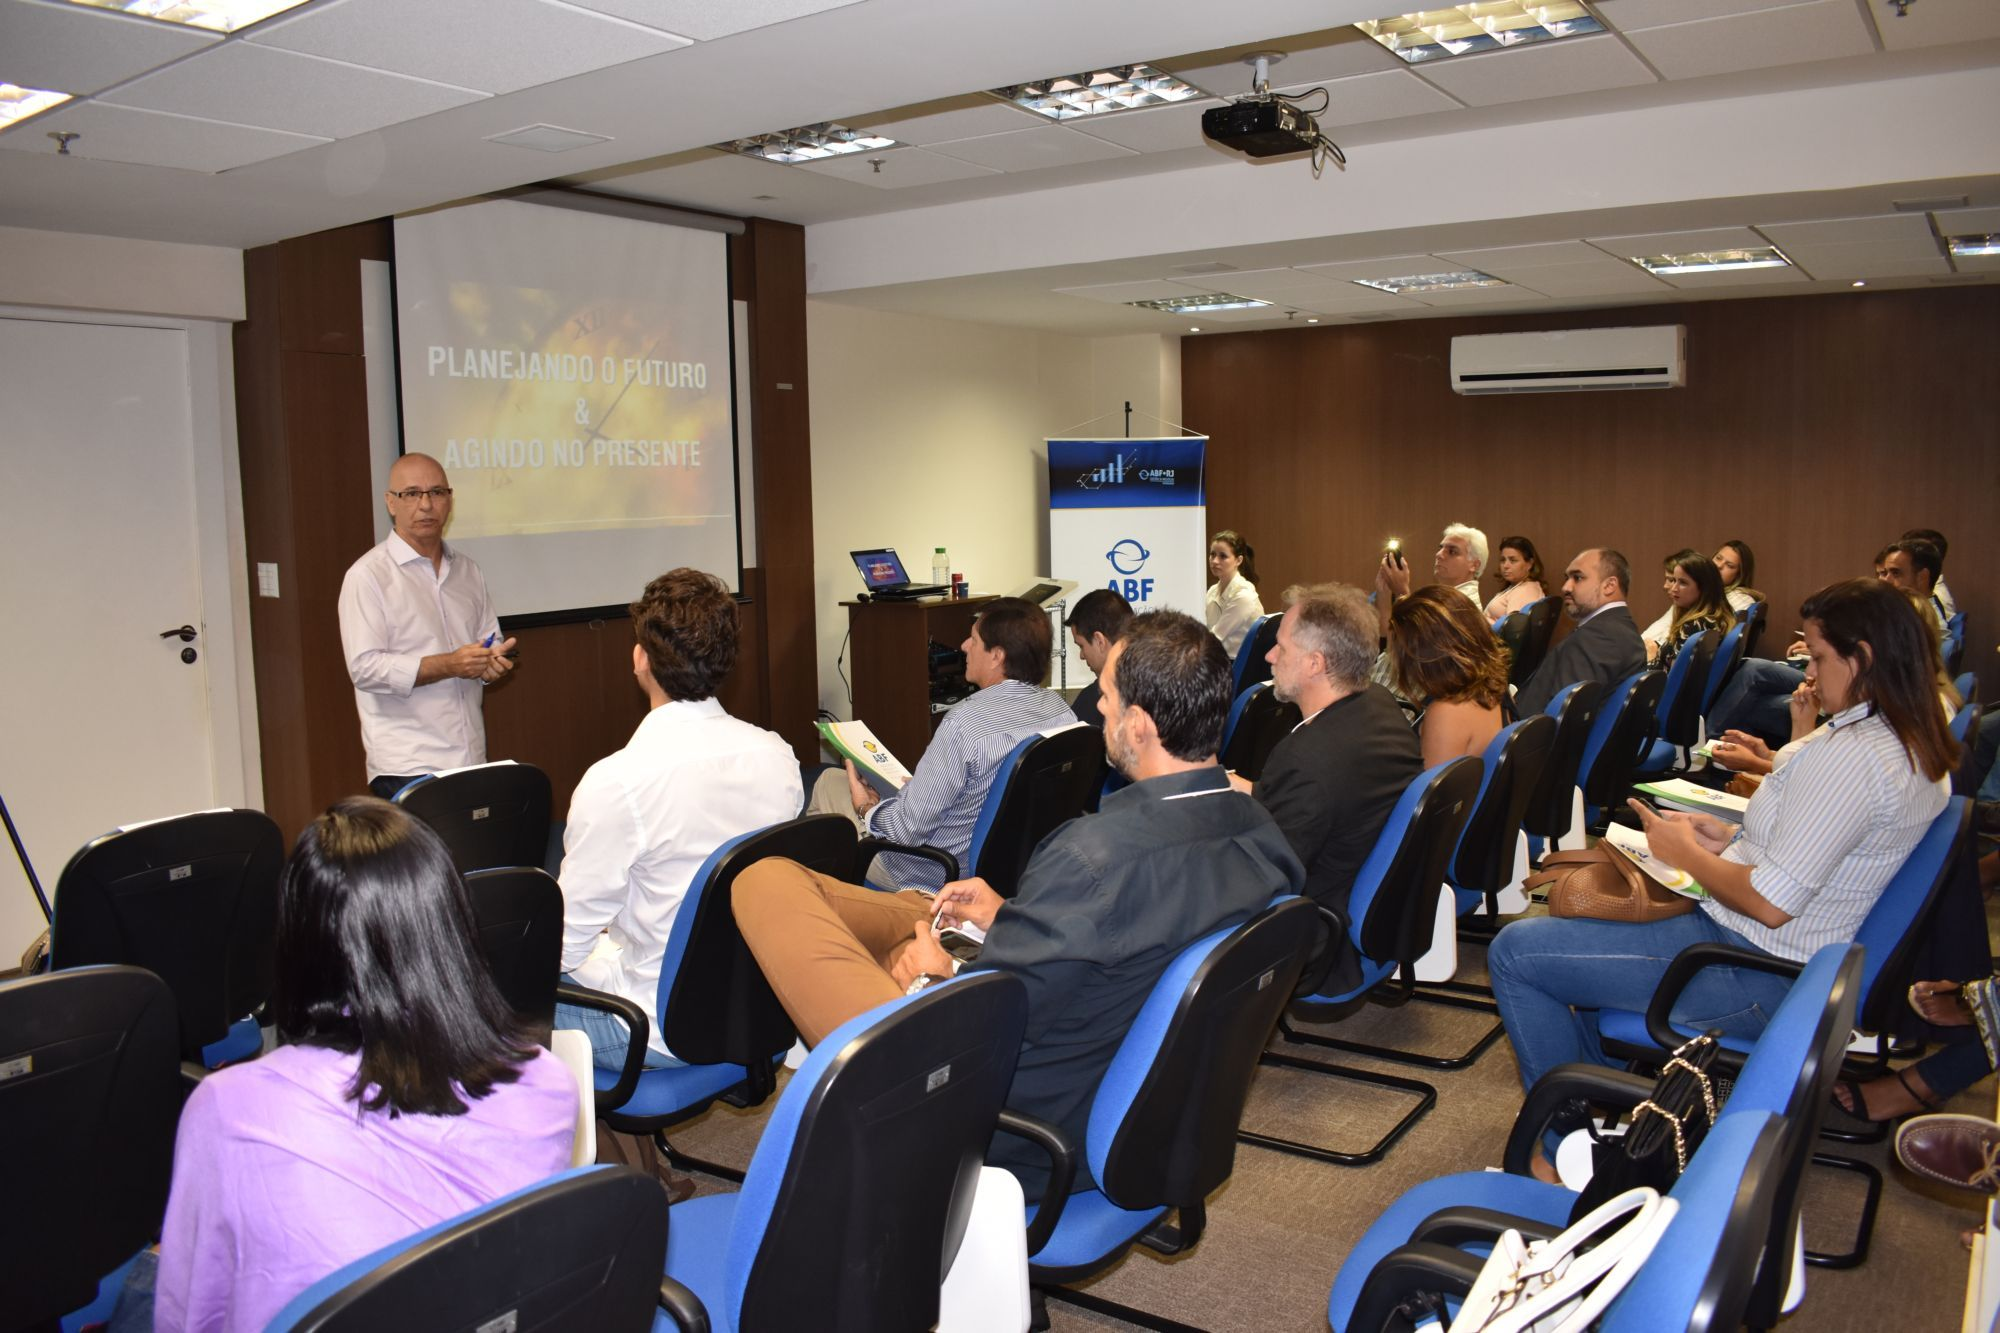 Planejamento e metas foram destaques em workshop da ABF Rio